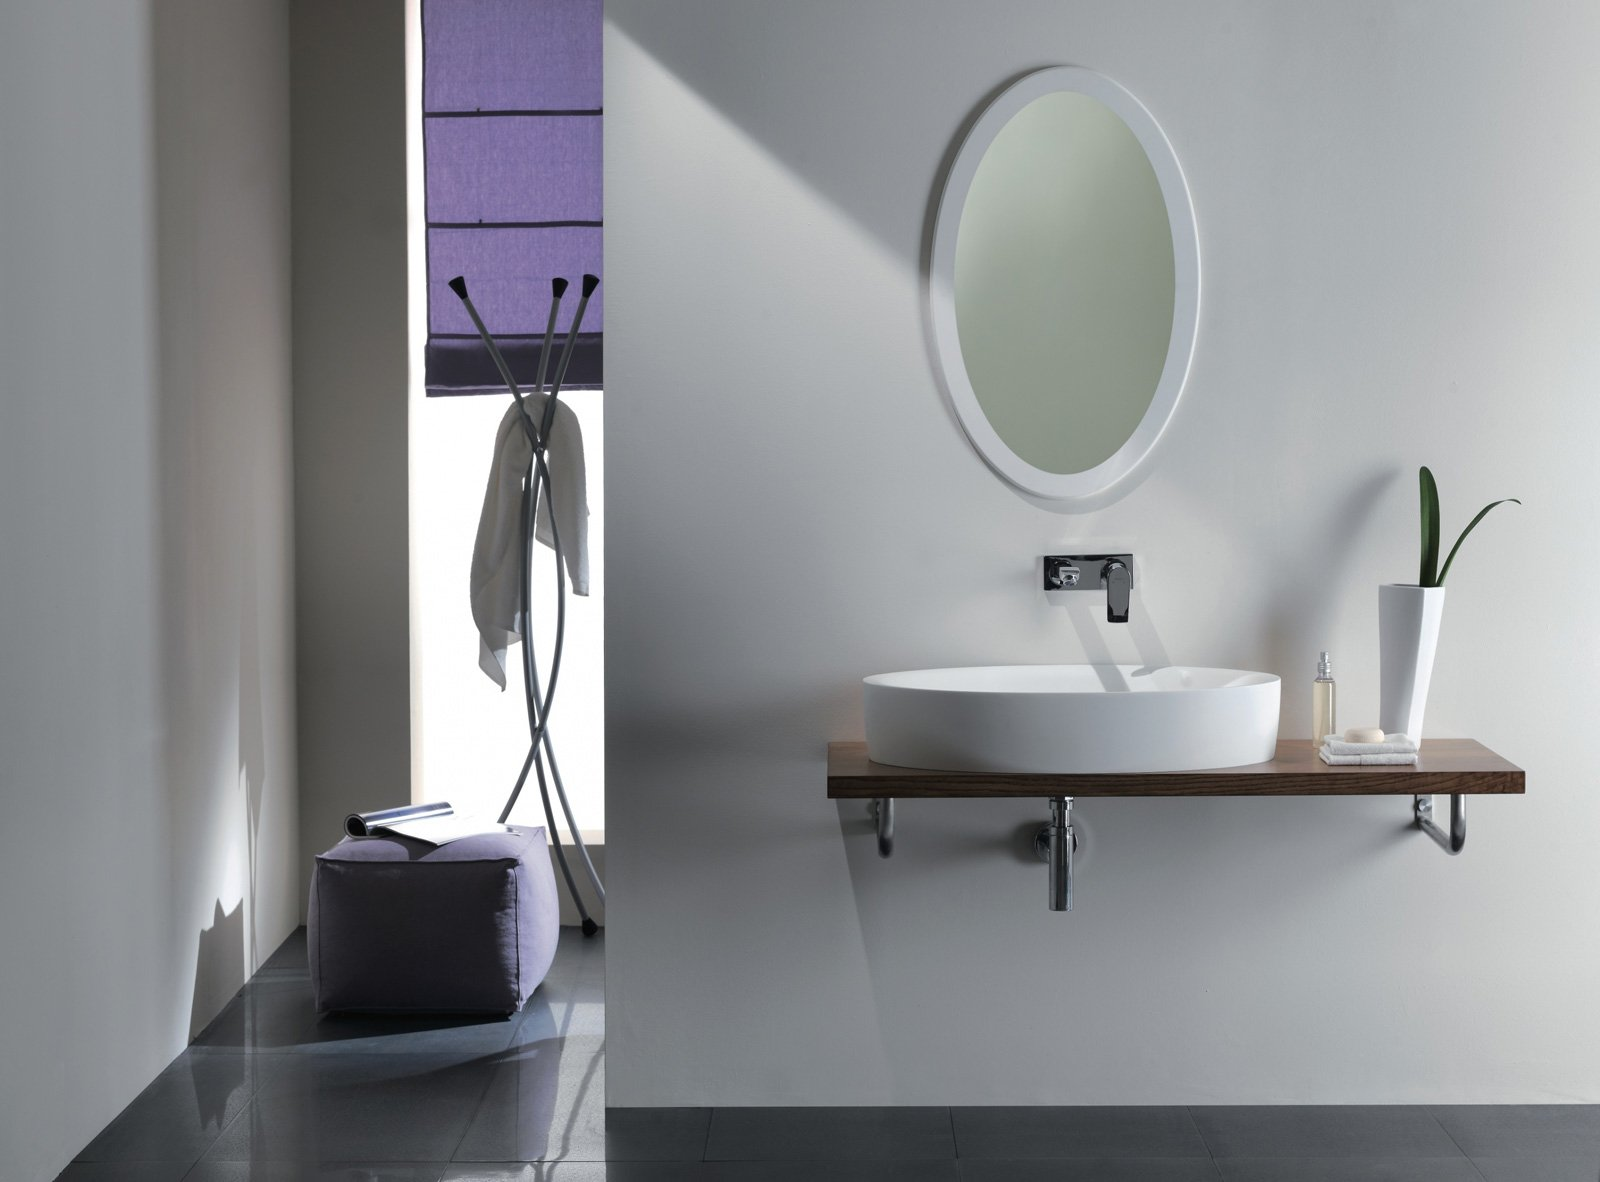 Specchi sopra il lavabo cose di casa - Specchi contenitori bagno ...